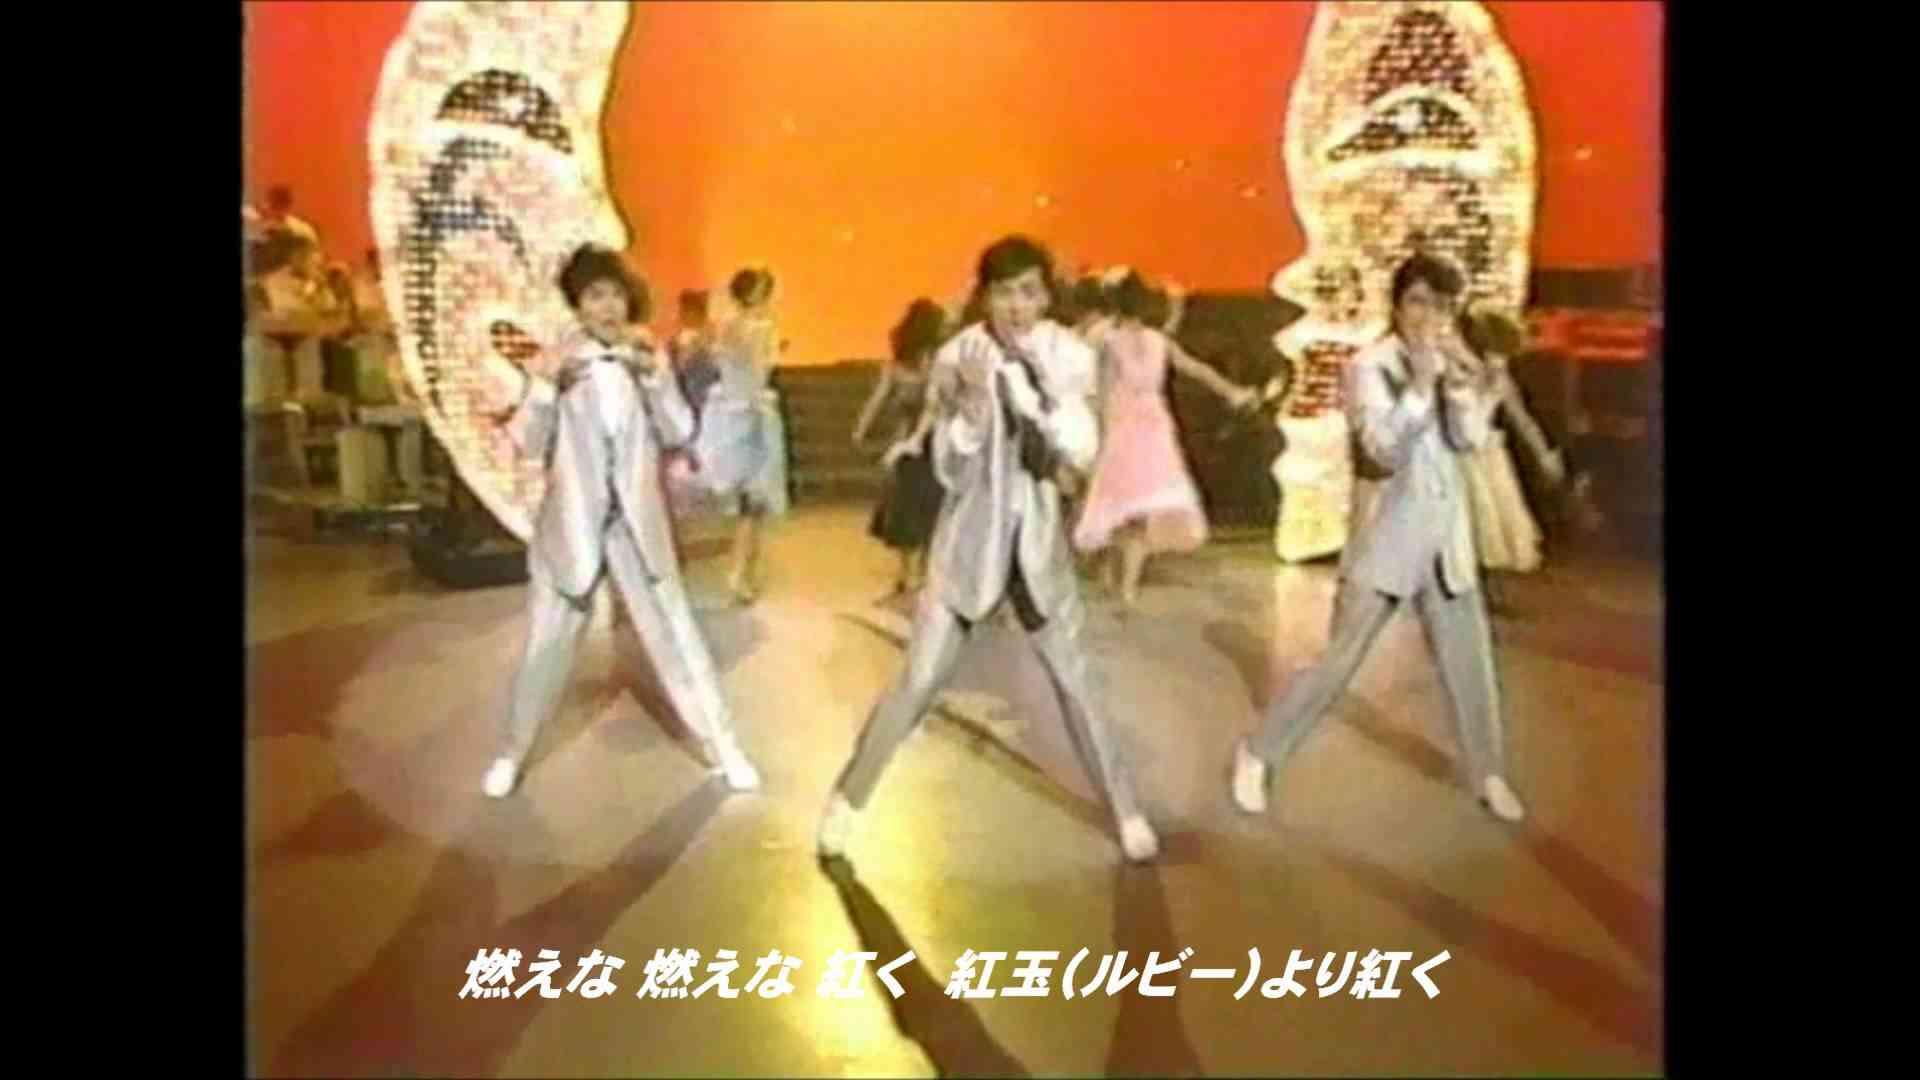 仮面舞踏会 少年隊 - YouTube